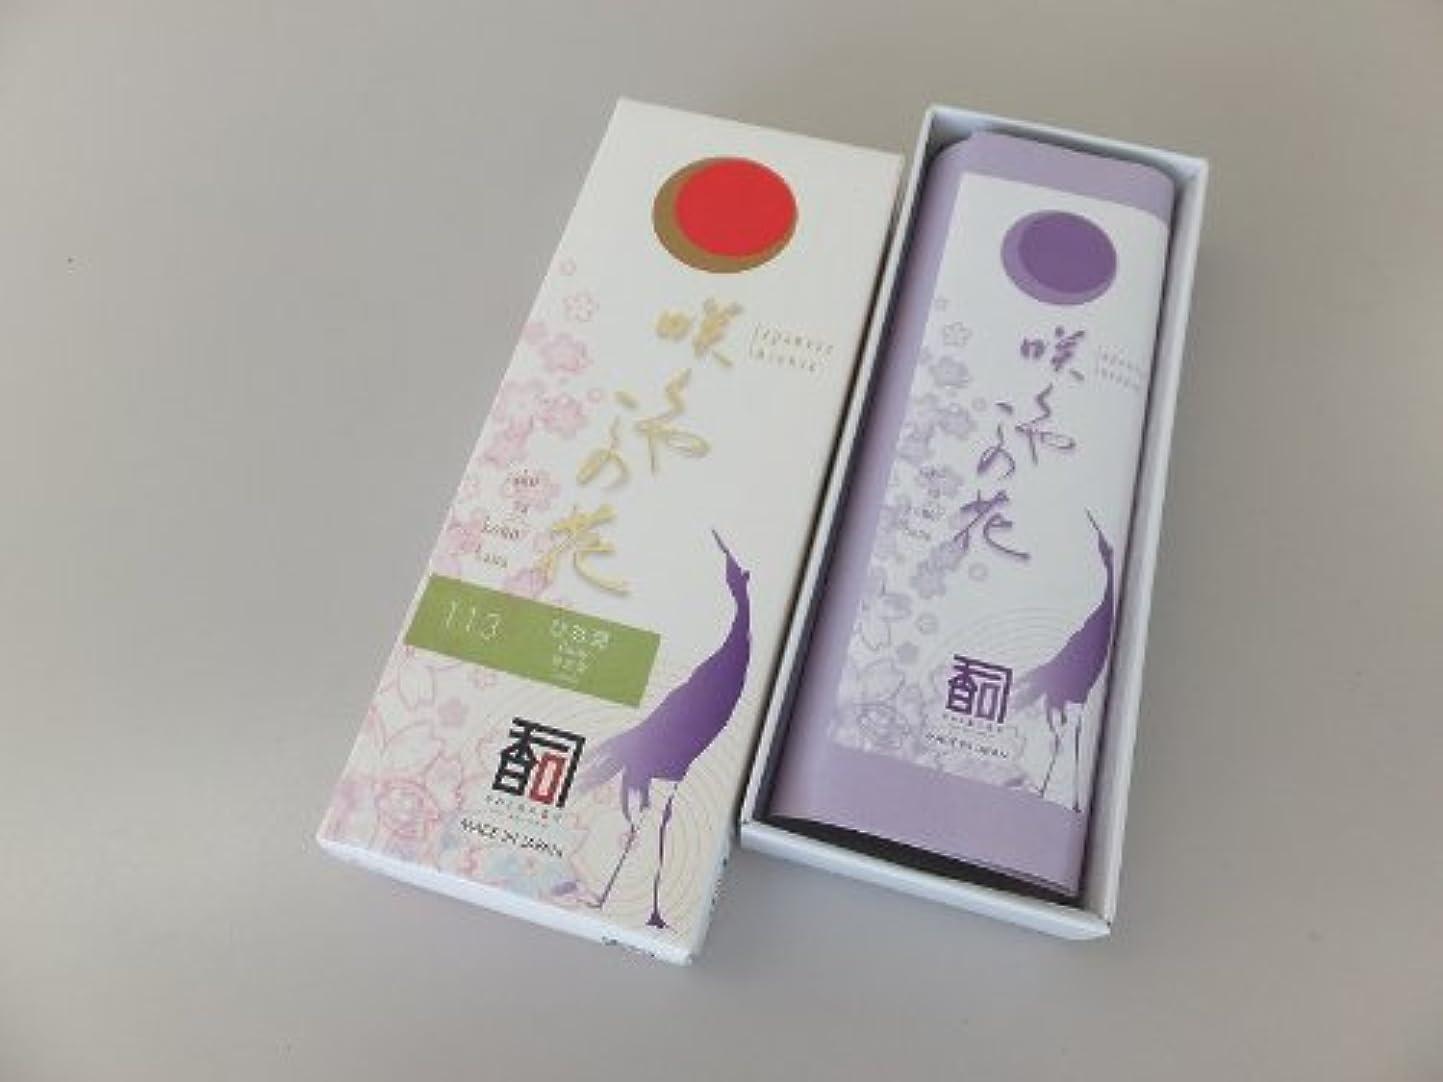 多様なピラミッド残忍な「あわじ島の香司」 日本の香りシリーズ  [咲くや この花] 【113】 ひな菊 (有煙)